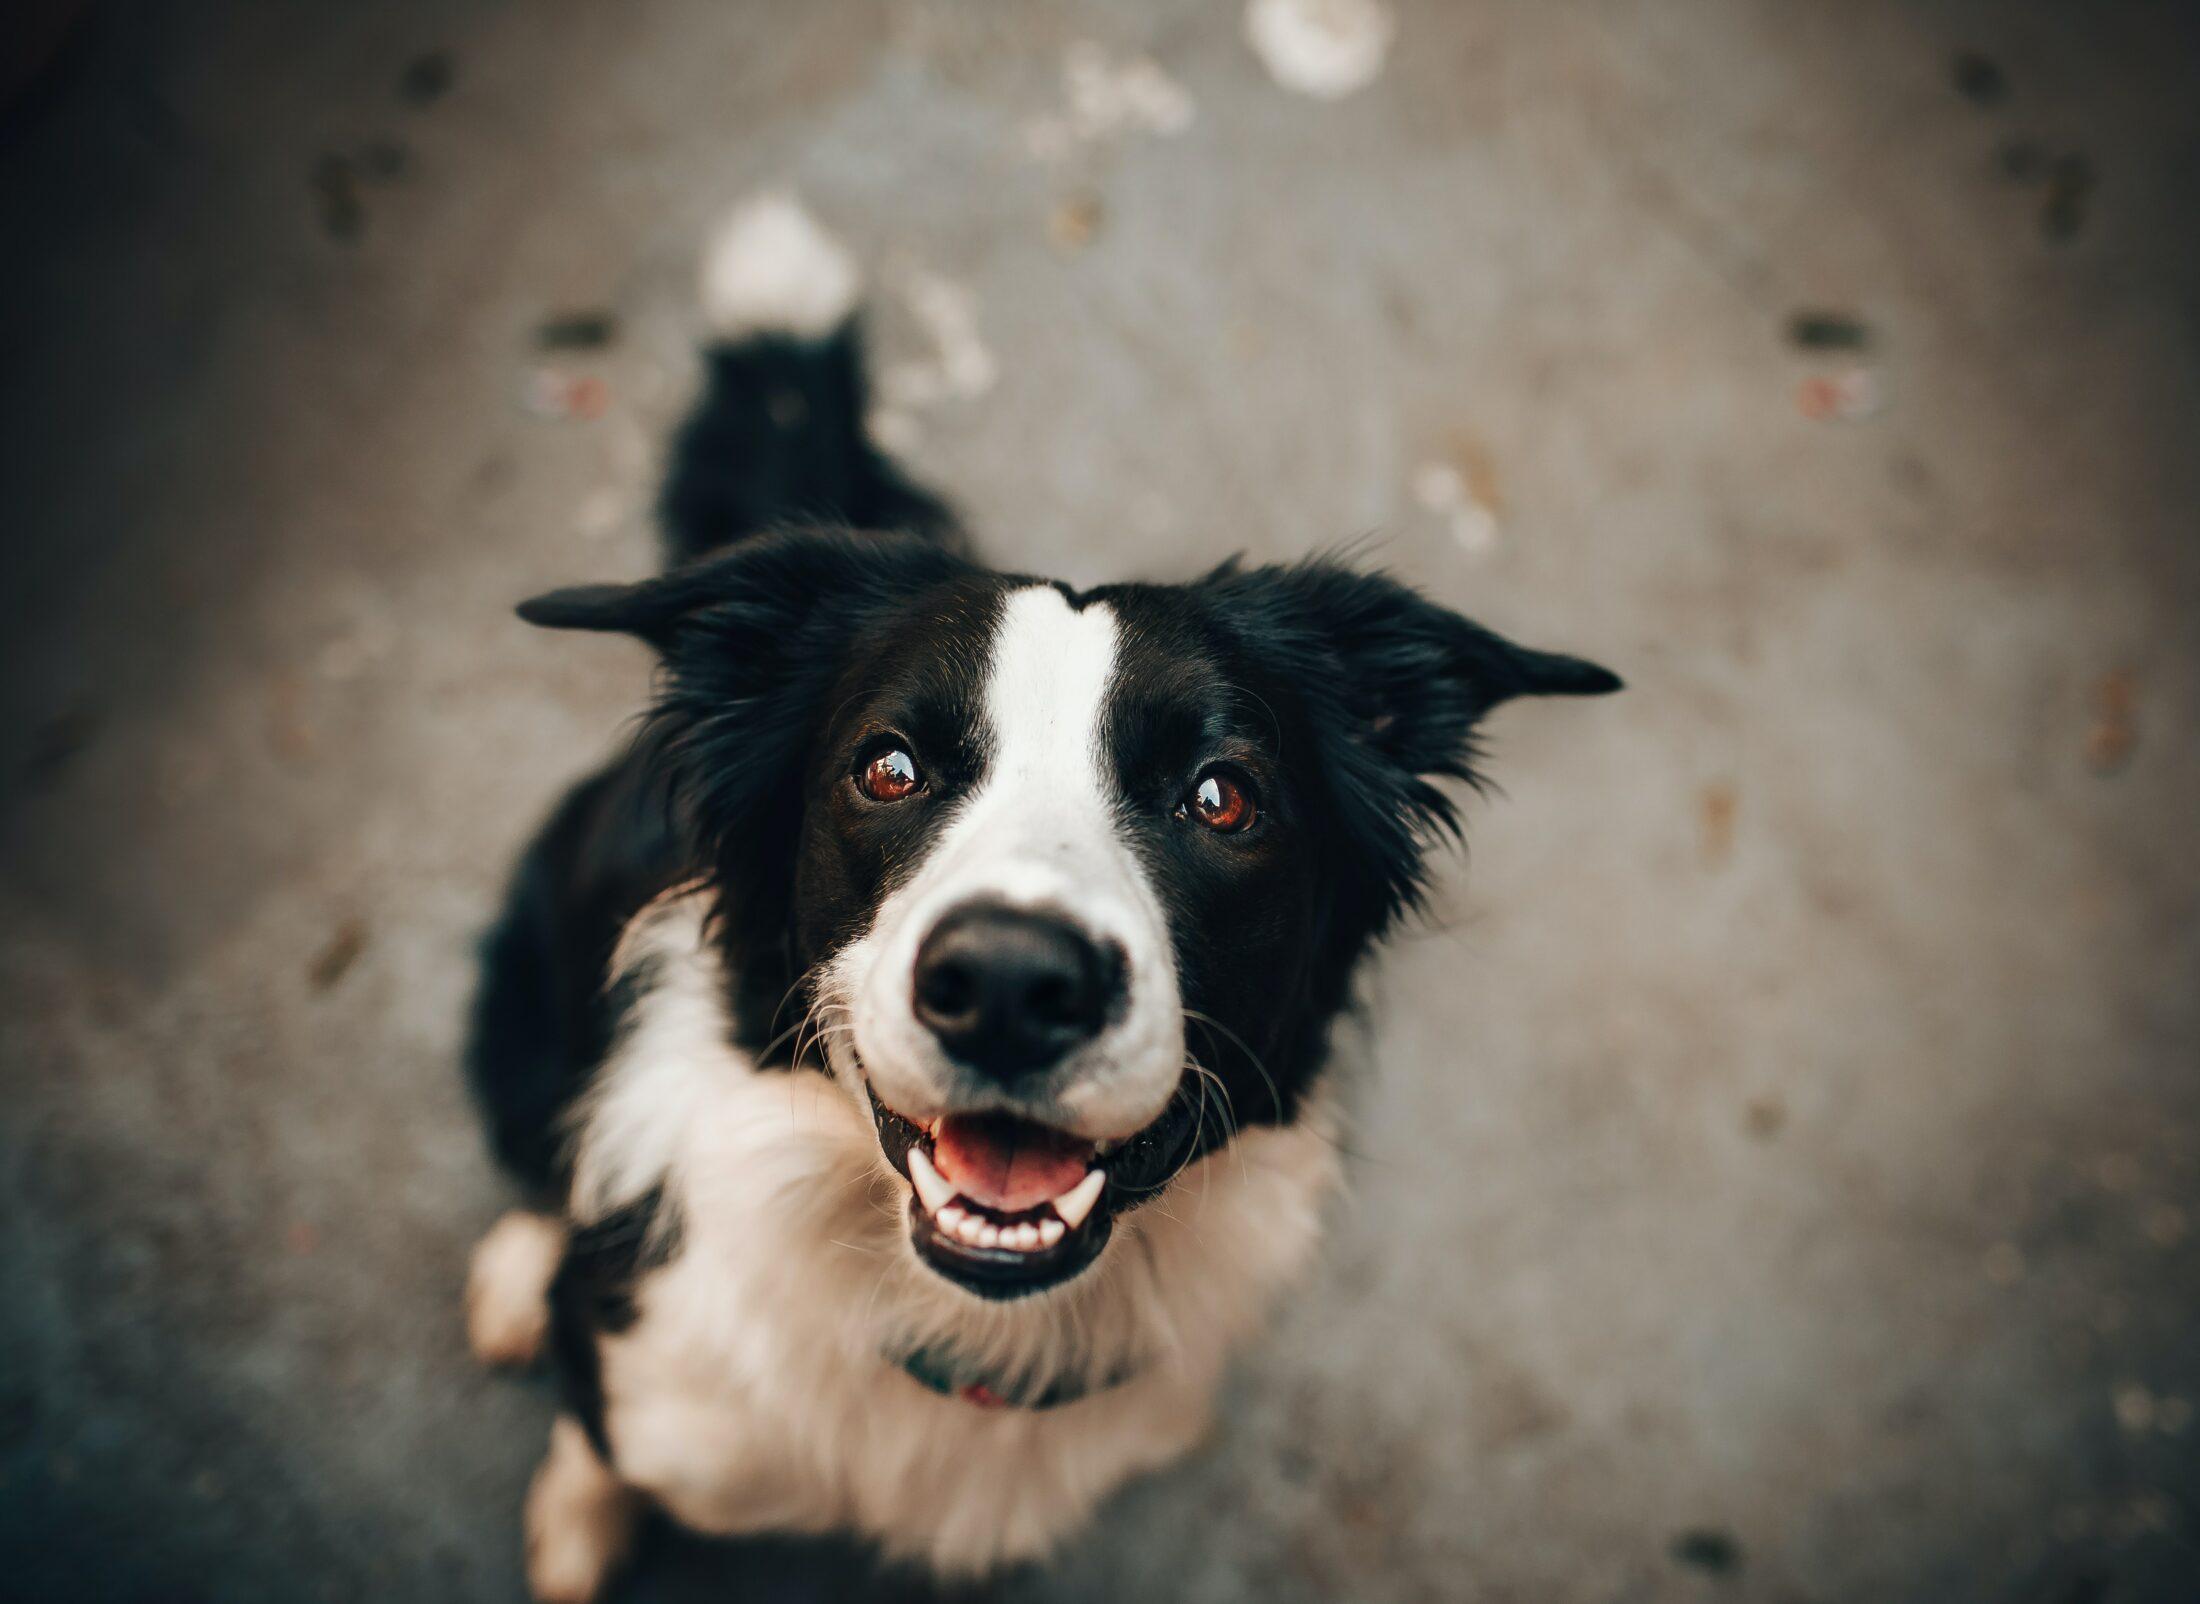 O tutor de primeira-viagem já deve estar ciente de tudo que precisa para recebe ro cachorro em casa.